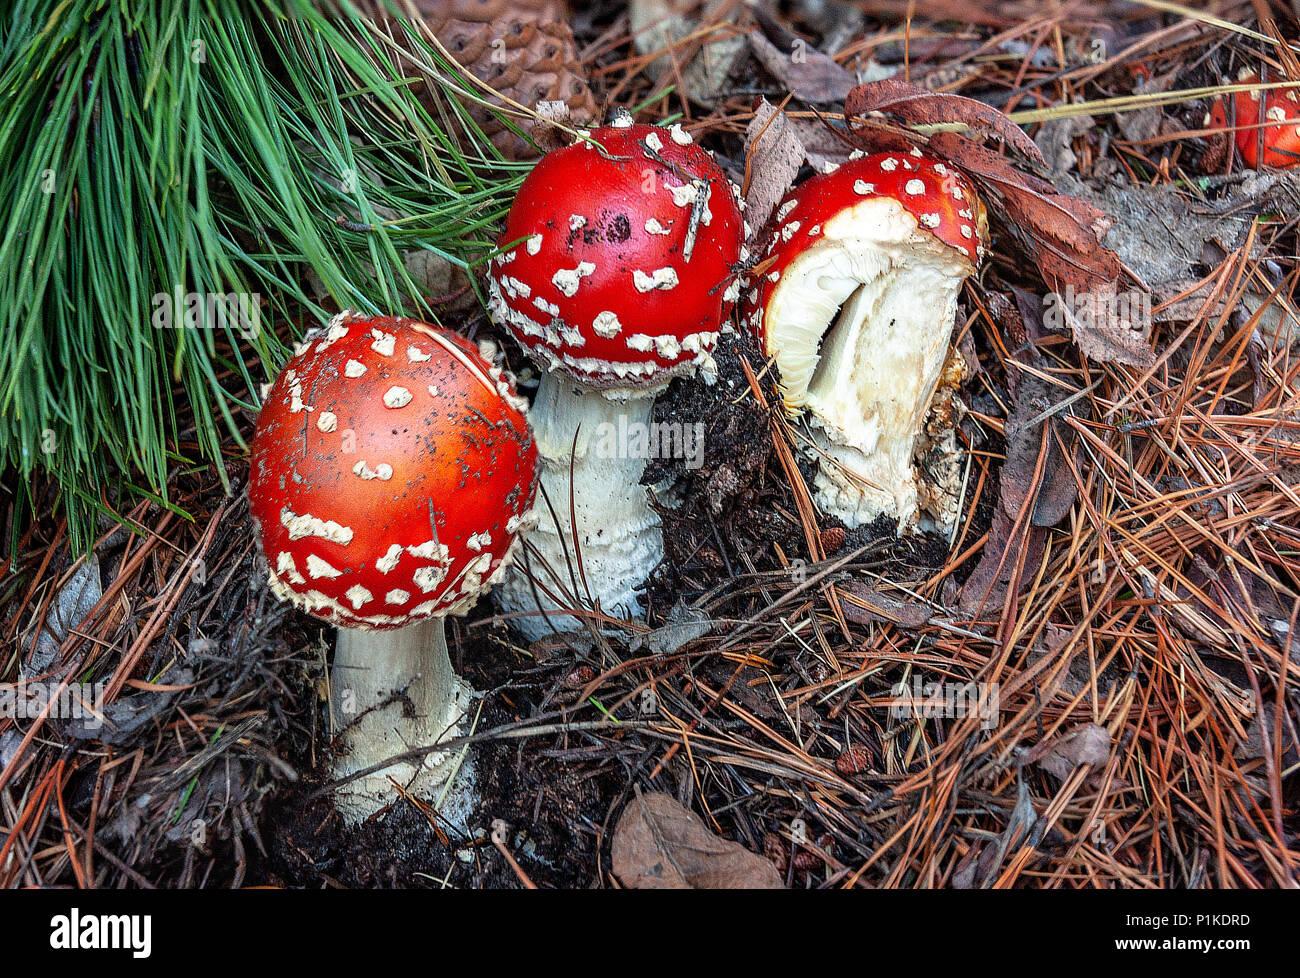 Rote flecken auf eichel pilz